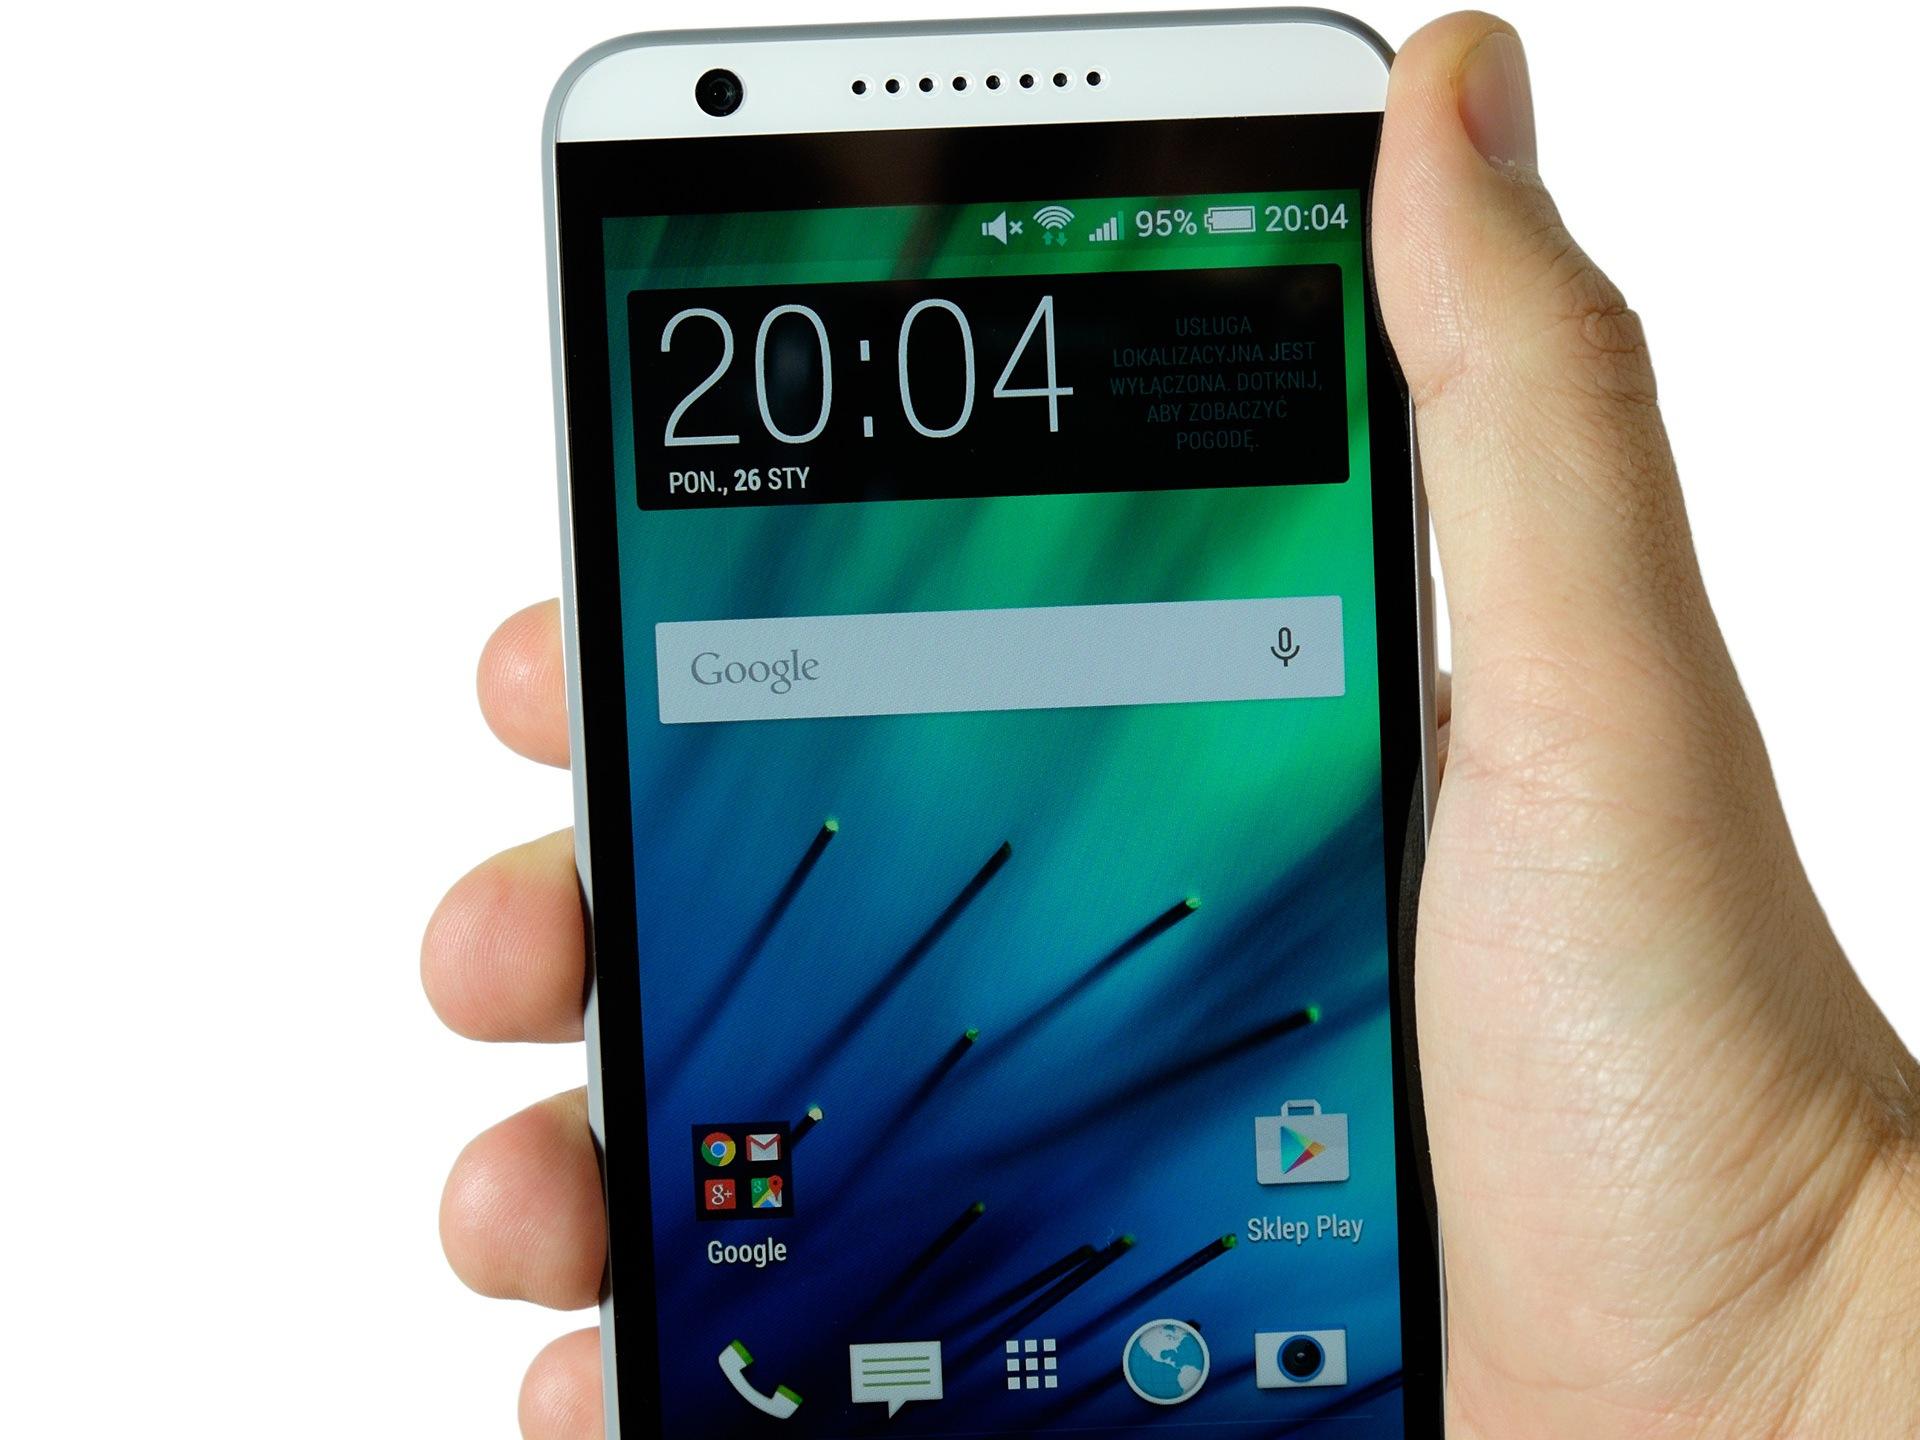 HTC Desire 820 SIM slot / SIM card reader Replacement - iFixit Repair Guide